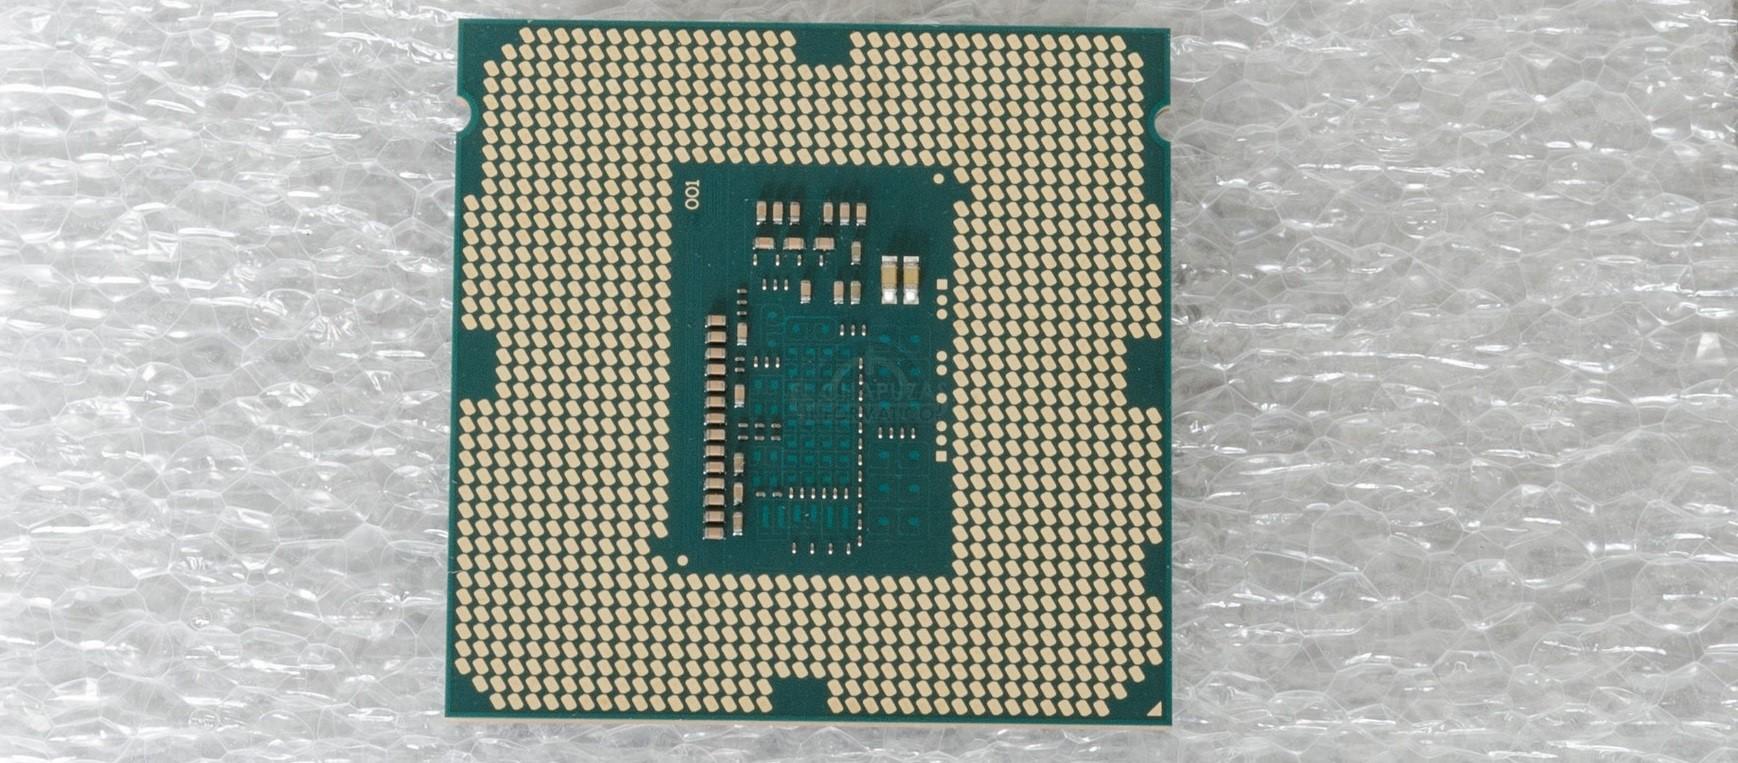 Intel-Core-i7-5775C-06